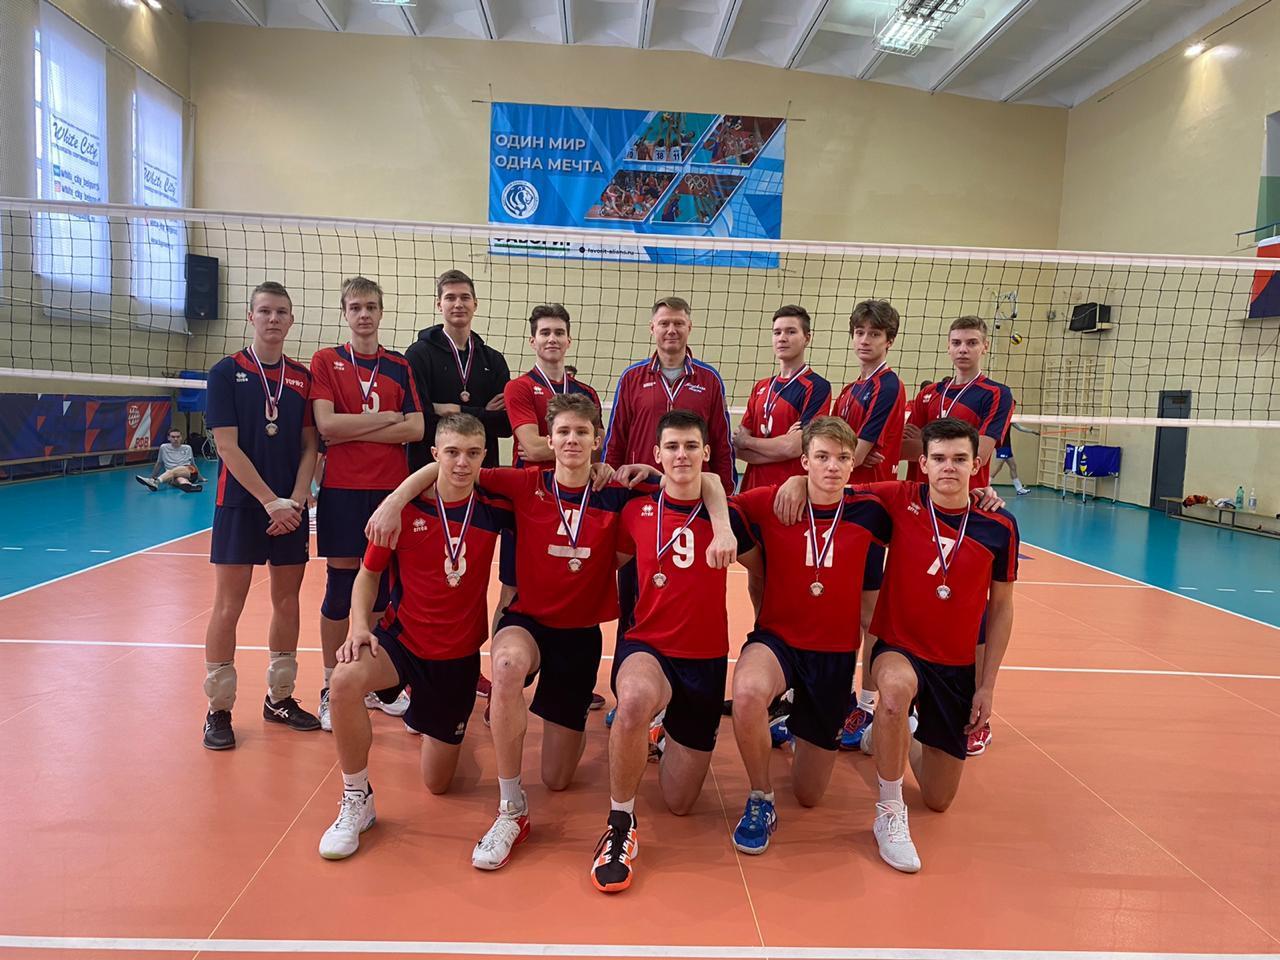 Коломенец в составе областной сборной стал лидером турнира первенства России по волейболу